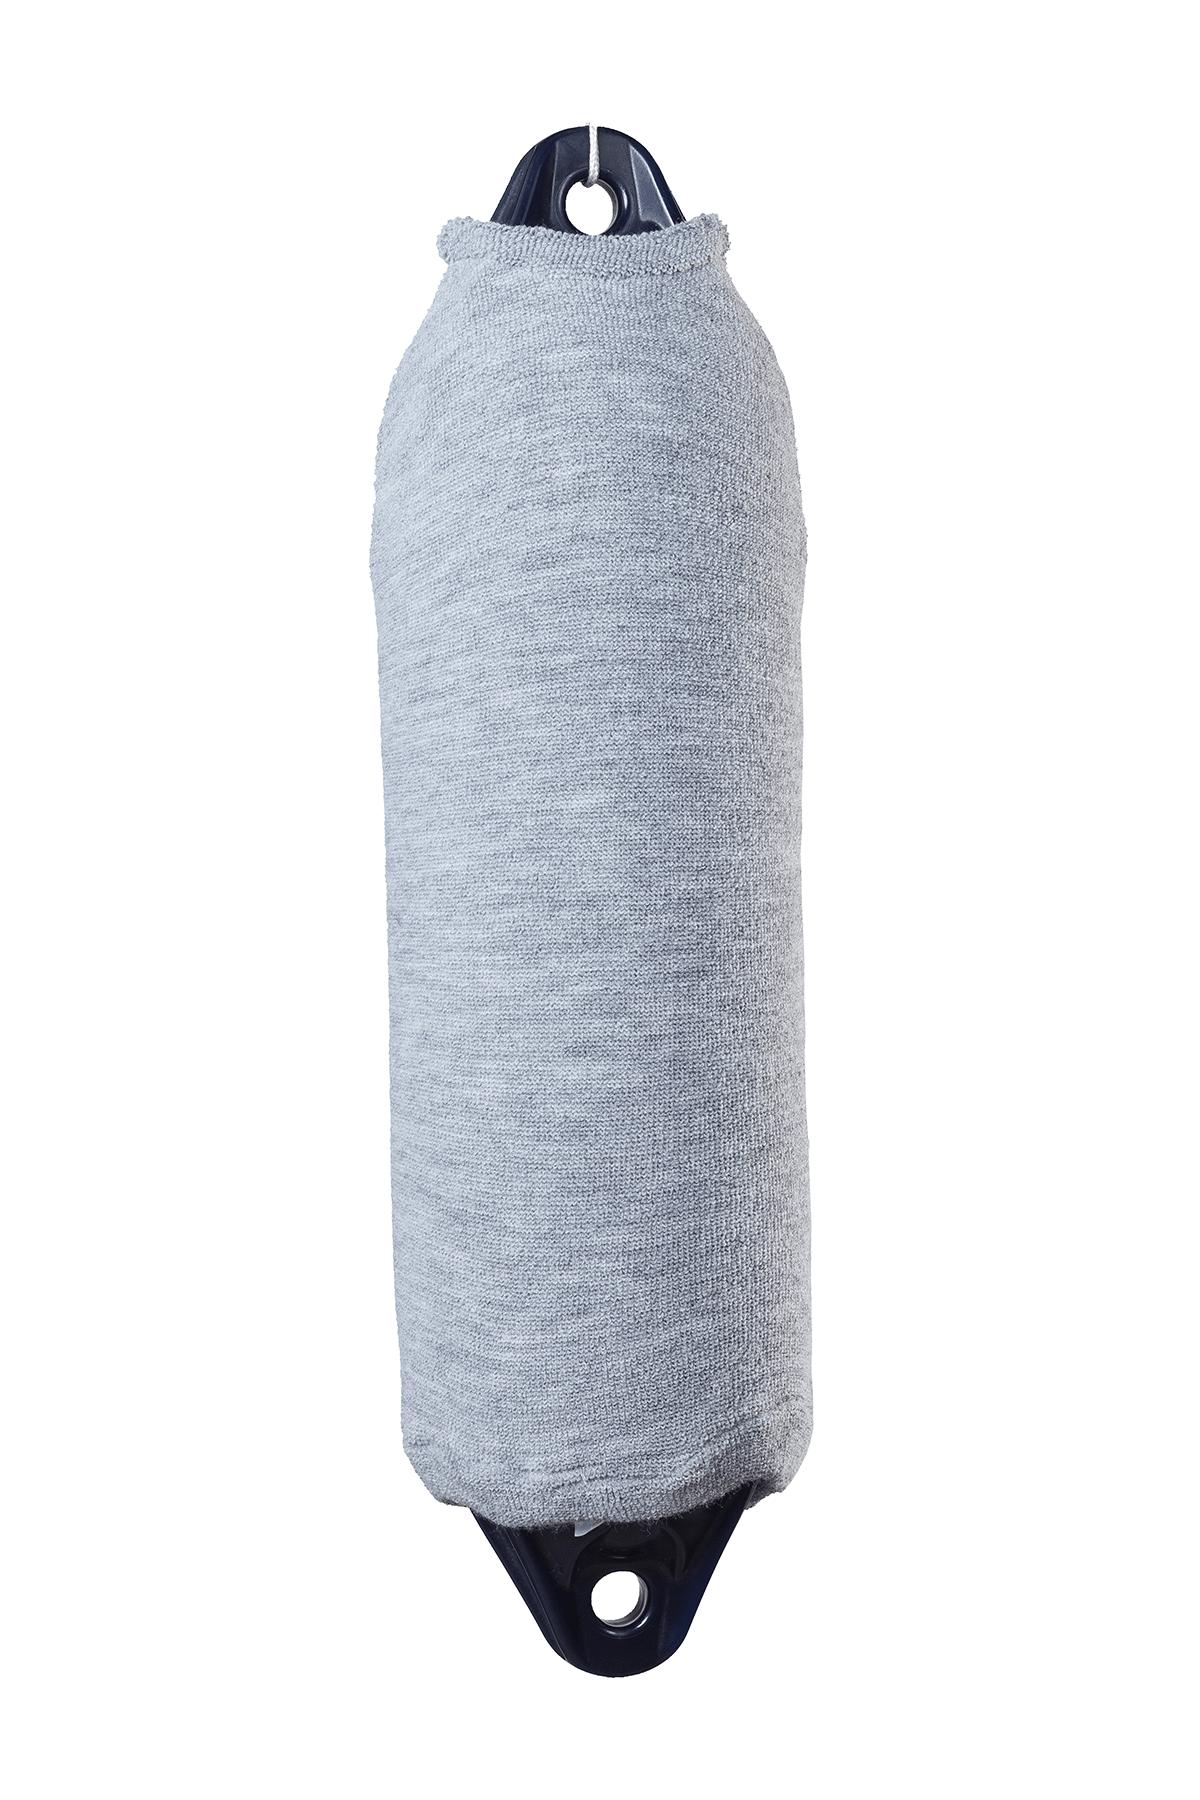 22.96 - Καλύμματα Μακρόστενων Μπαλονιών 63cm Χρώματος Ανοιχτού Γκρι - Σετ Των 2 Τεμαχίων